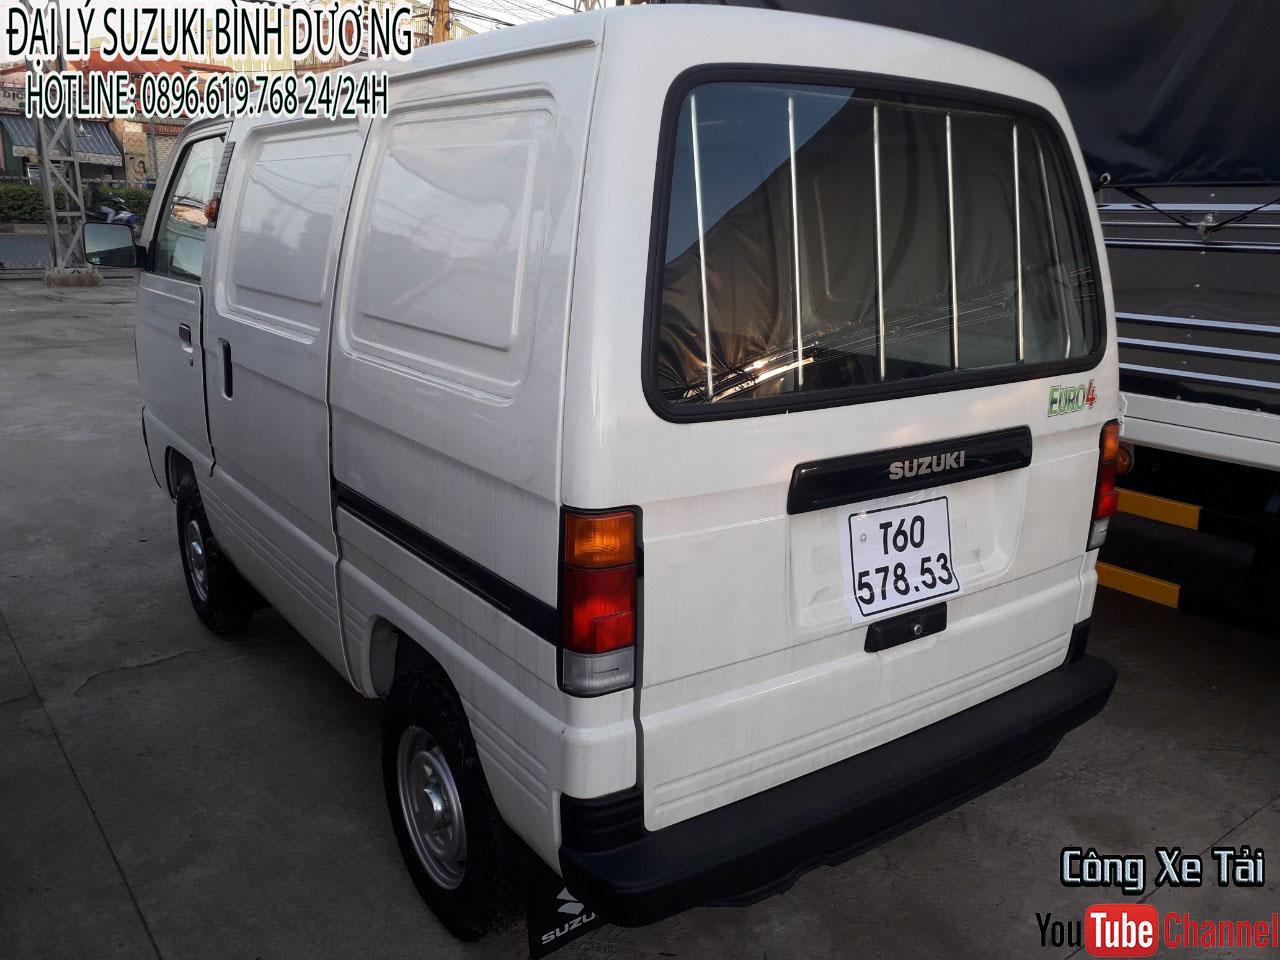 xe suzuki van